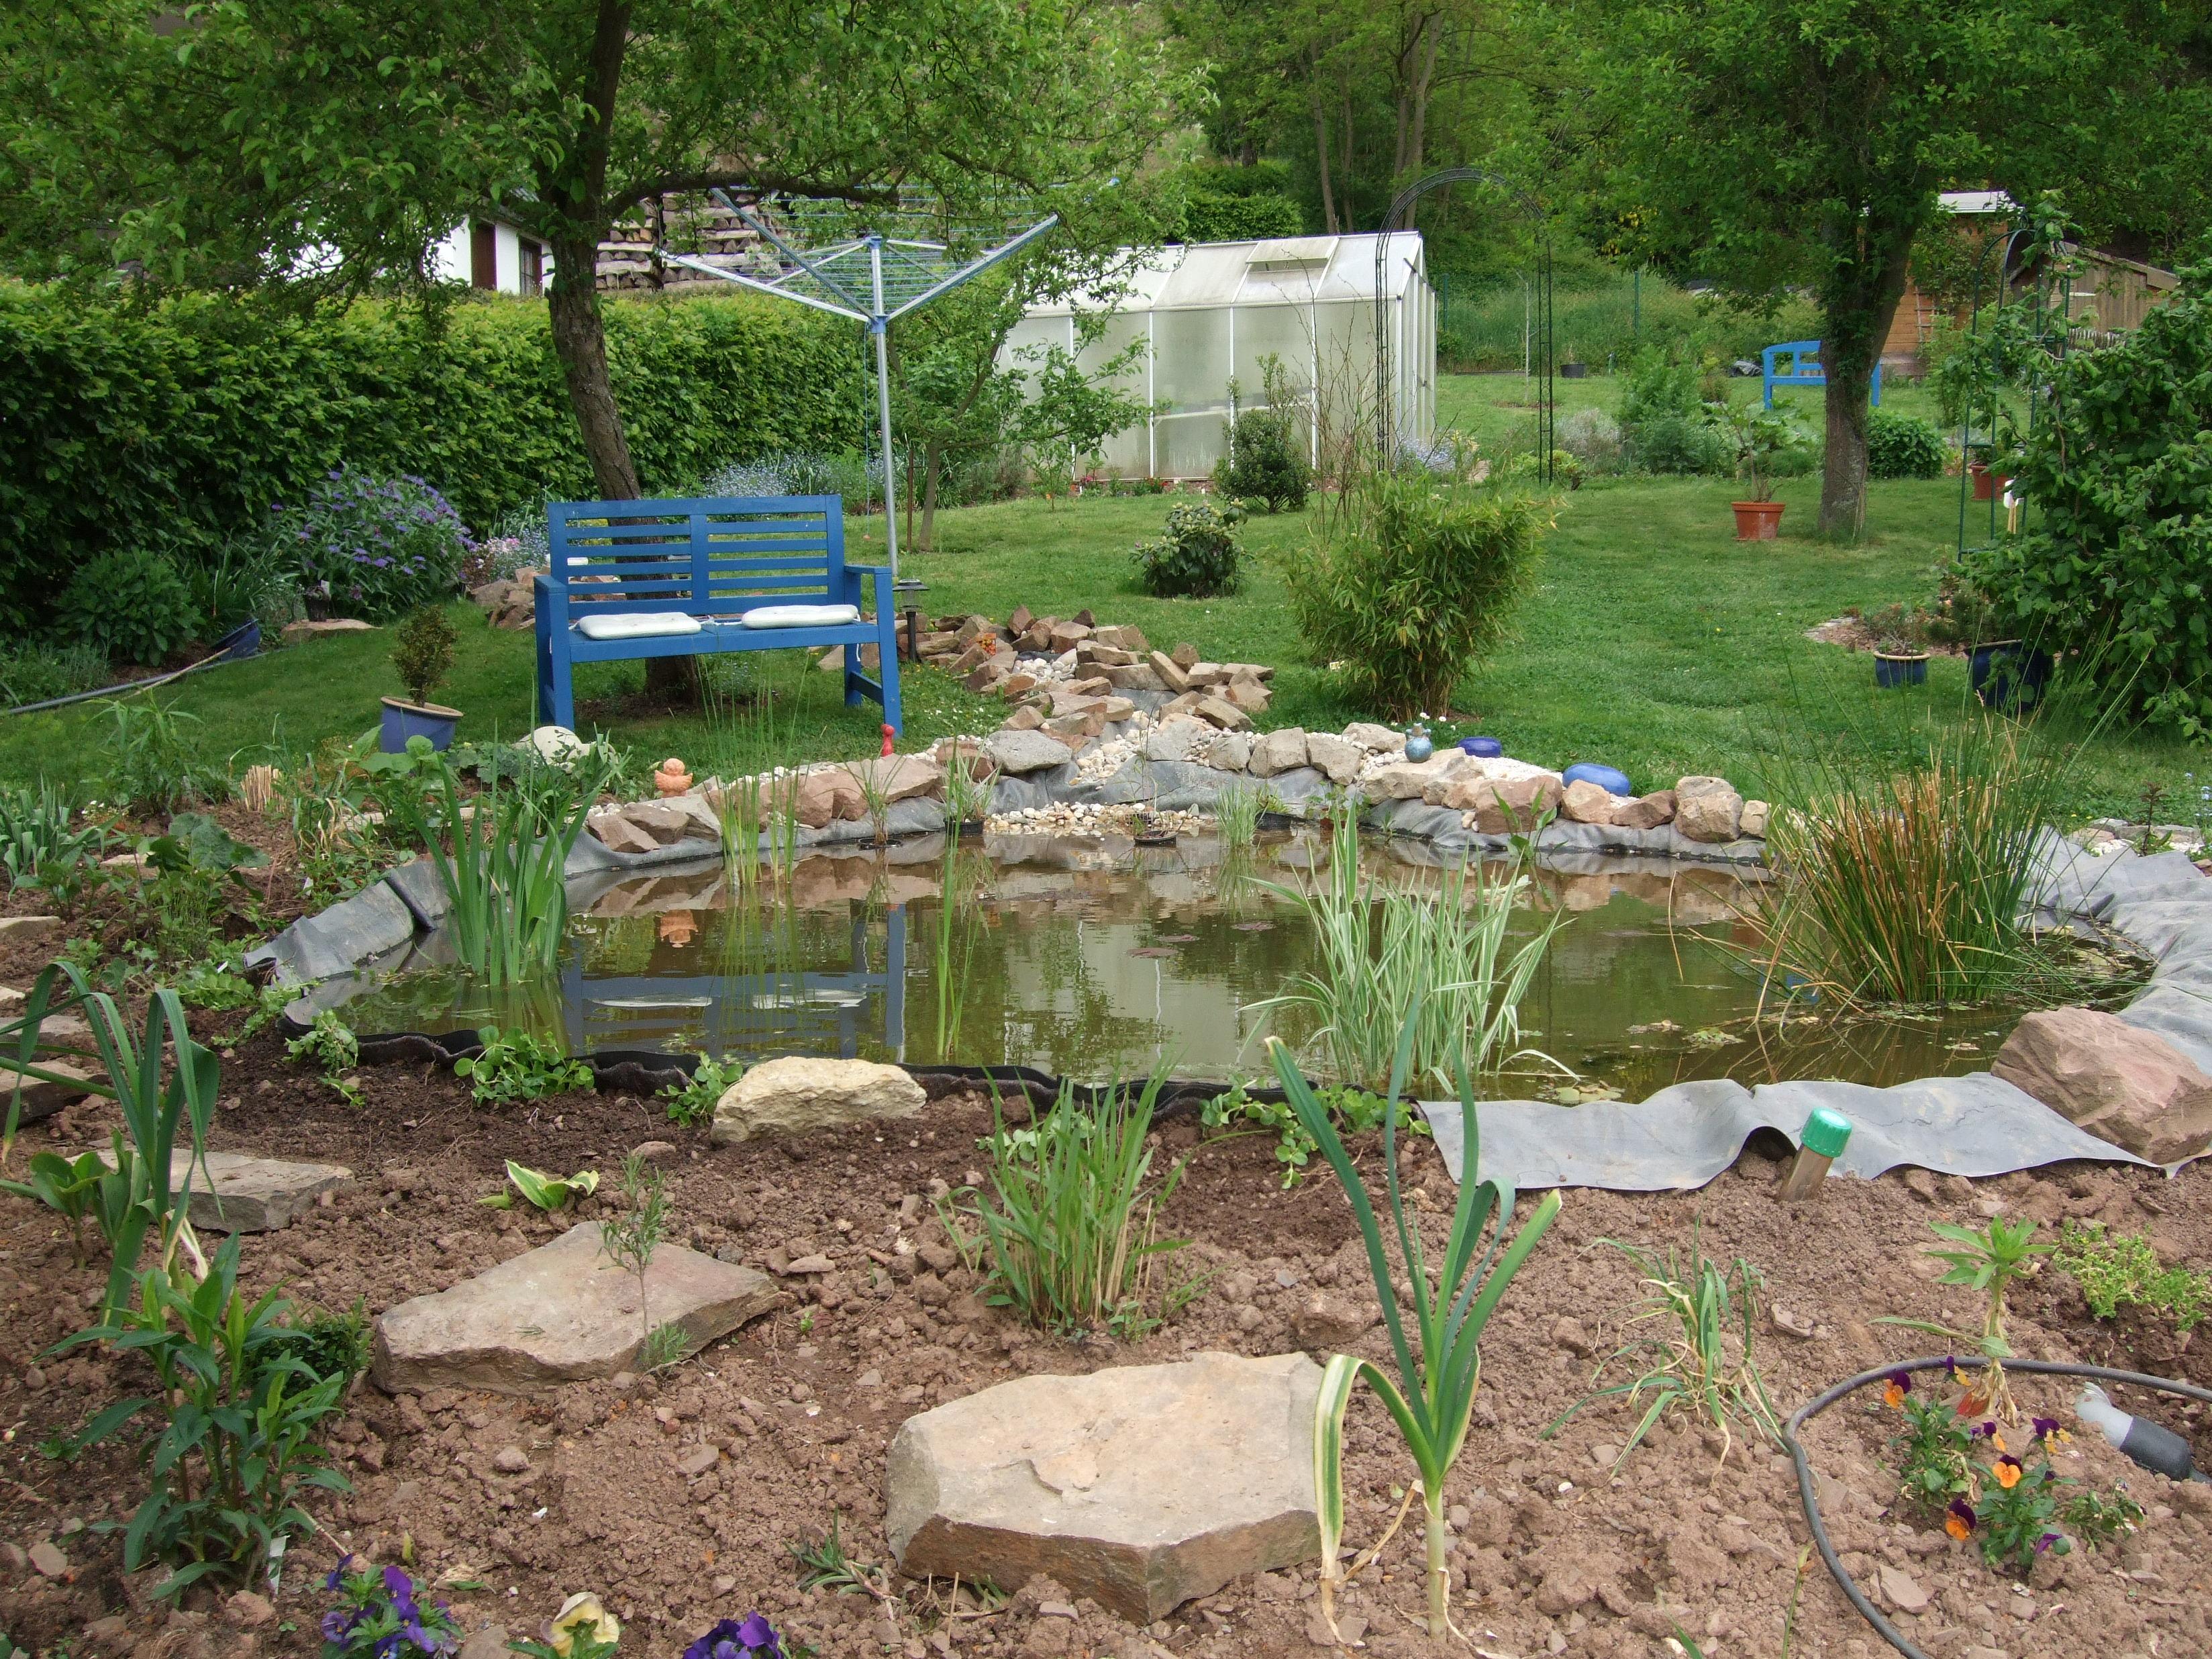 Gartengestaltung unser teich macht fortschritte for Gartengestaltung teich